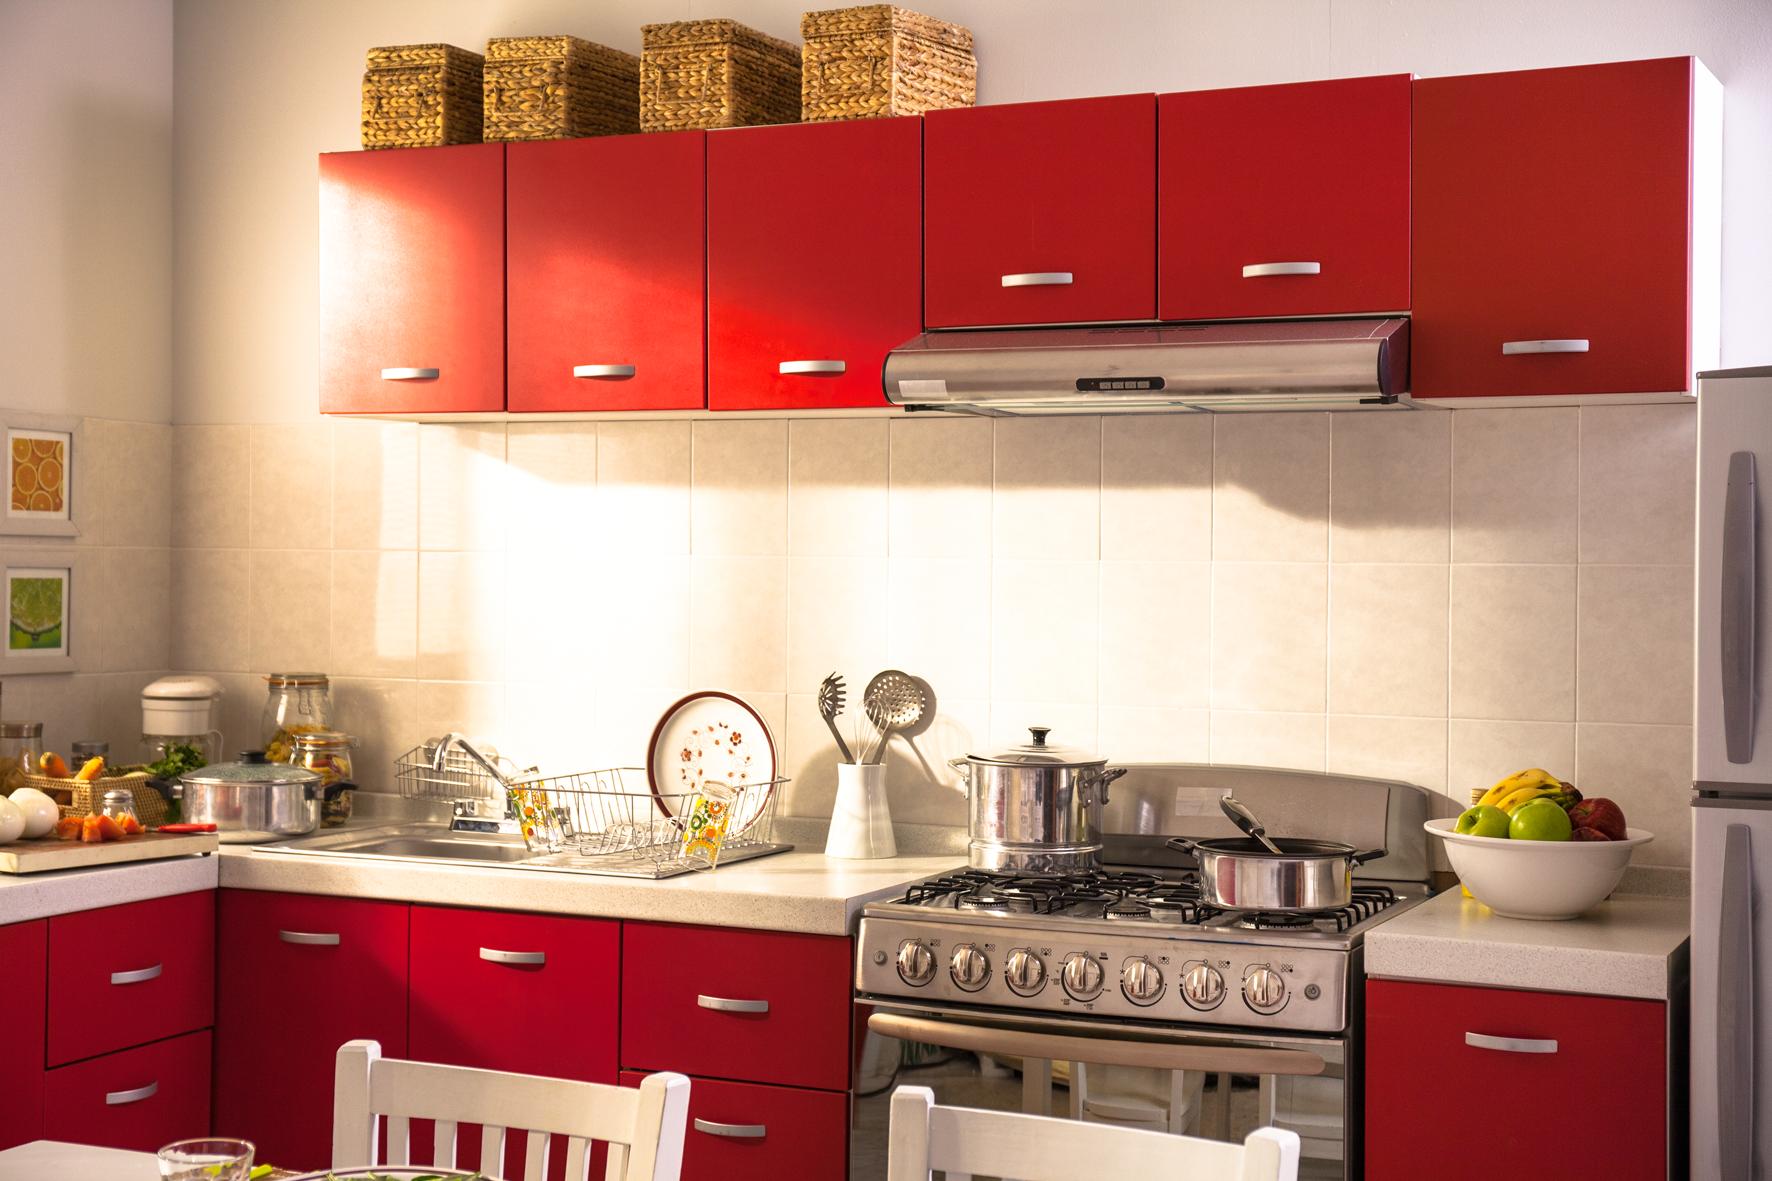 Utiliza colores claros como blanco o beige para la pared for Decoracion de gabinetes de cocina